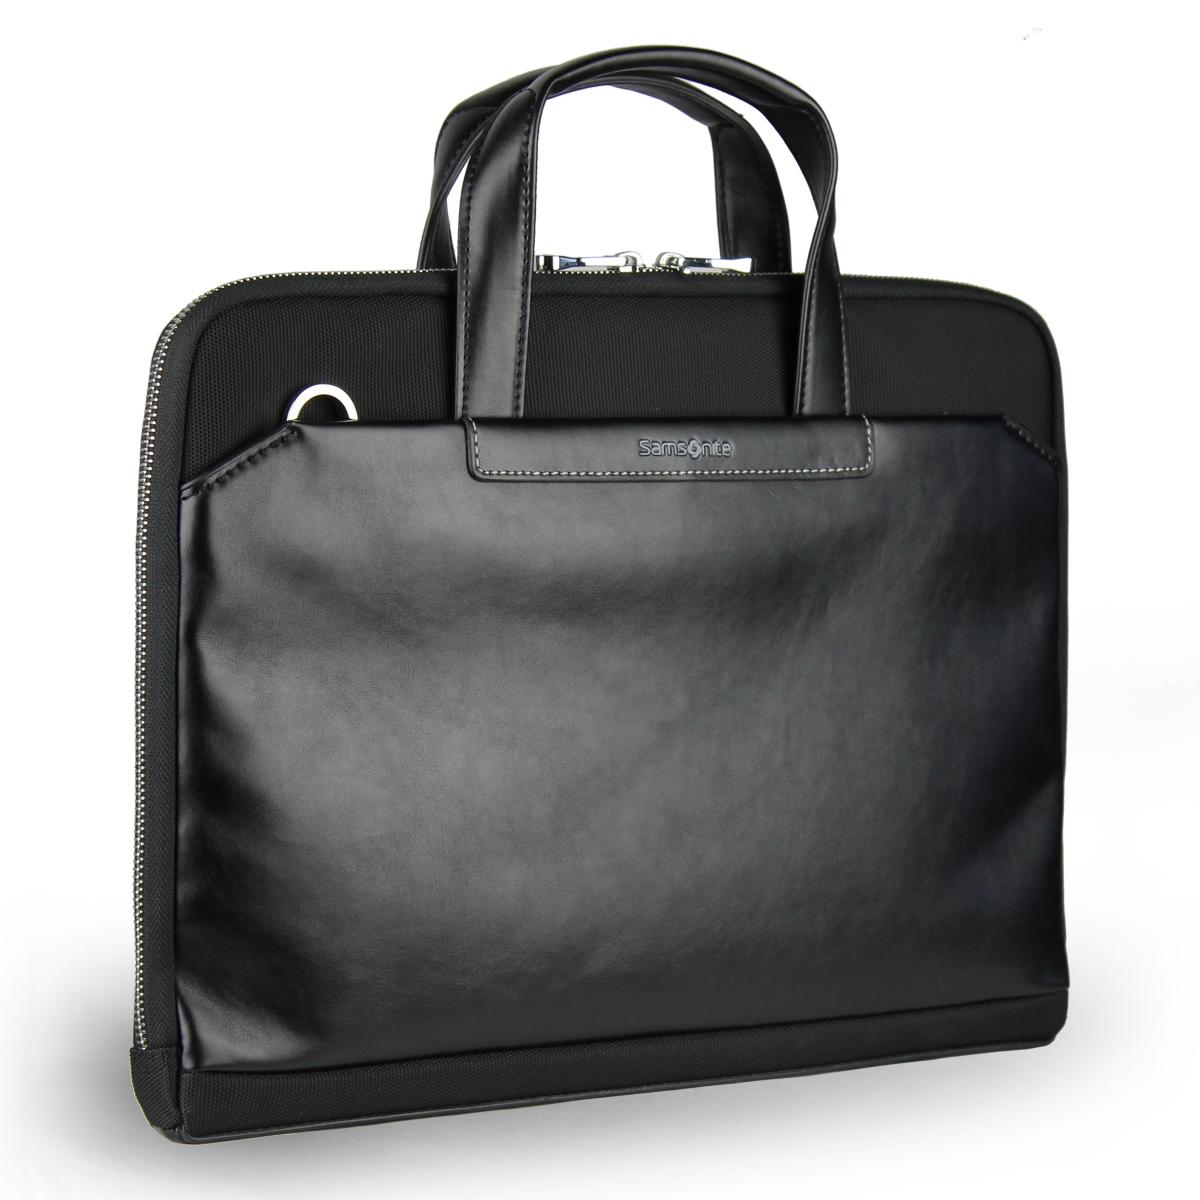 聯想新秀麗T900單肩包 商務手提公文包14寸筆記本電腦包